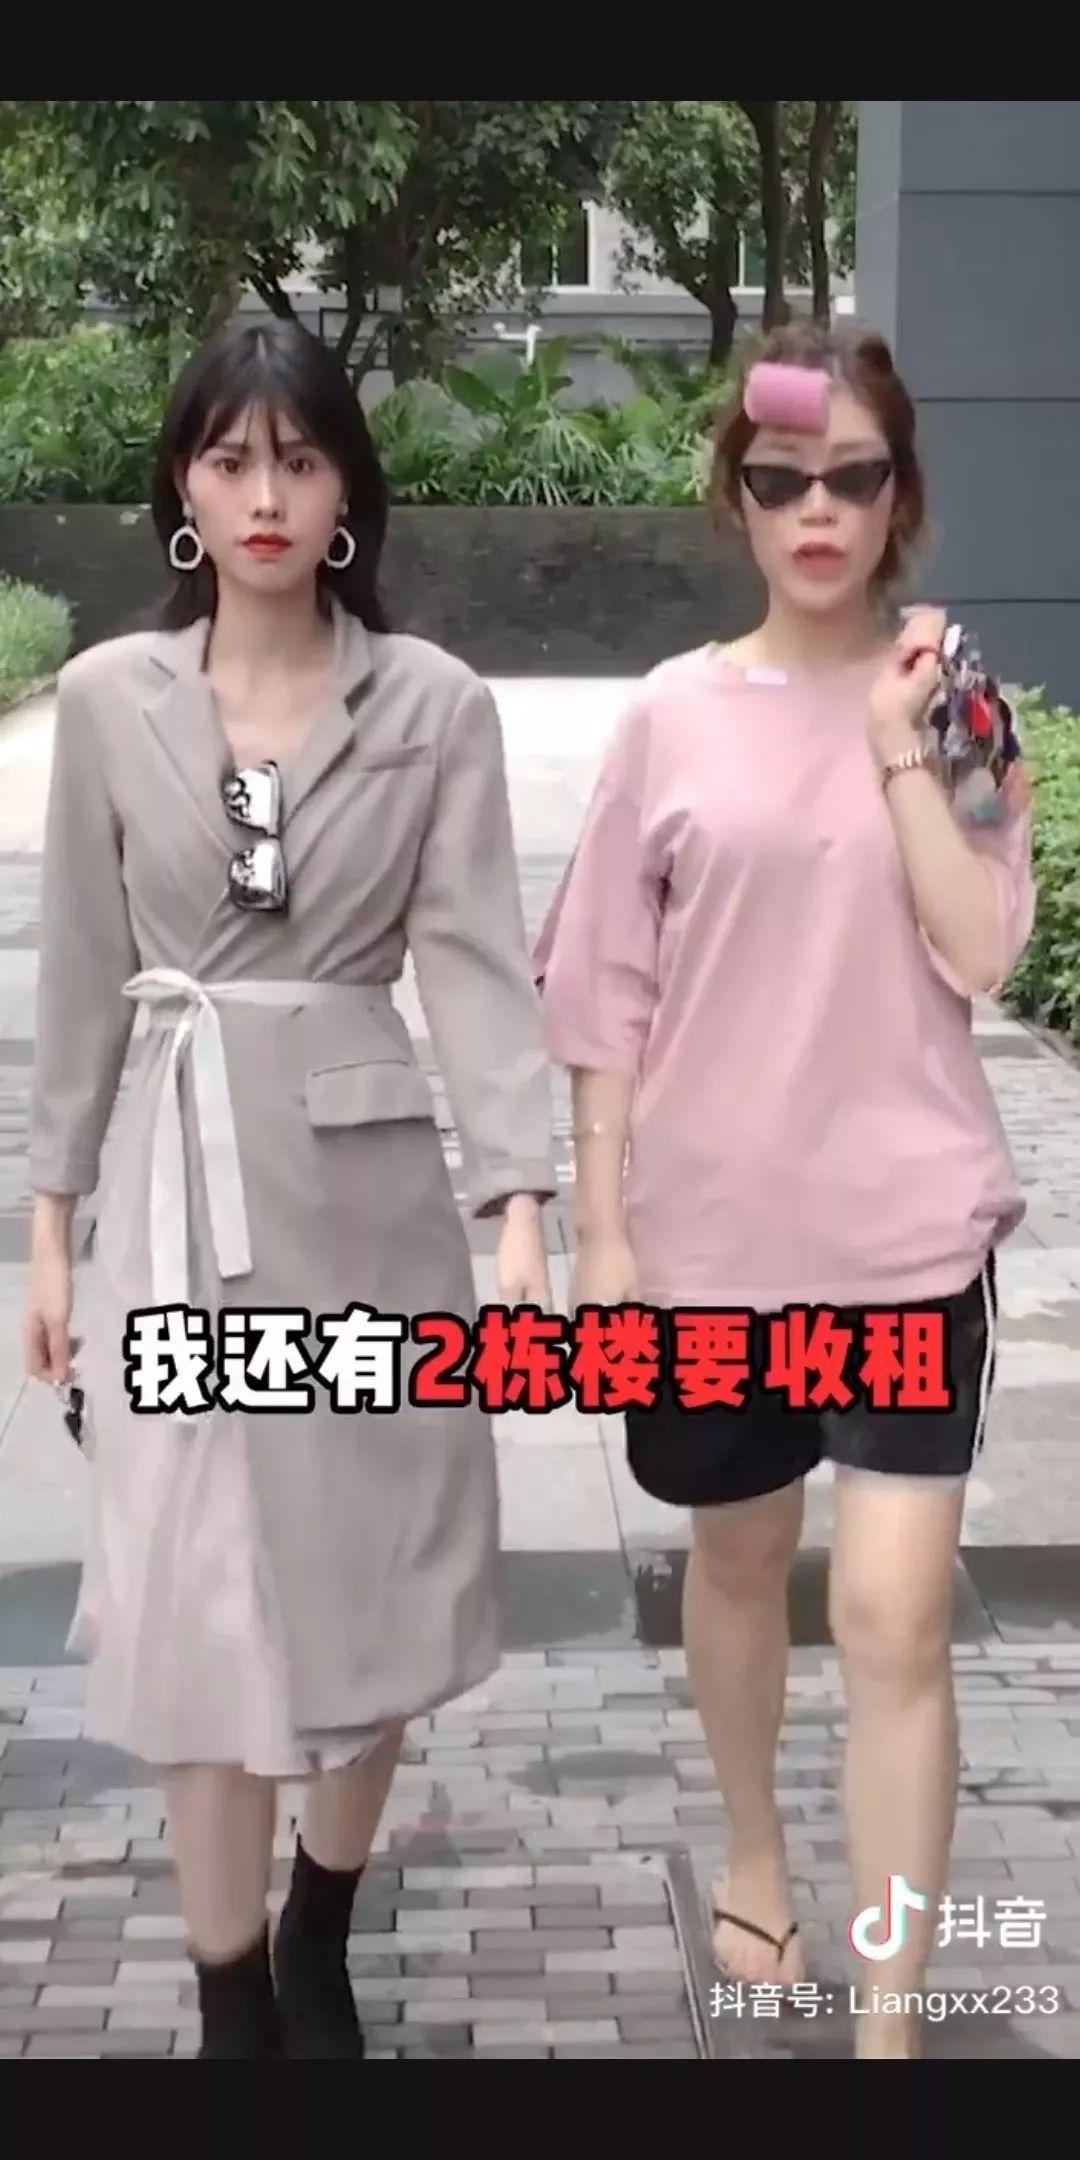 广东房东的生活太太太无趣了,每天都在收房租,真的好无聊!插图